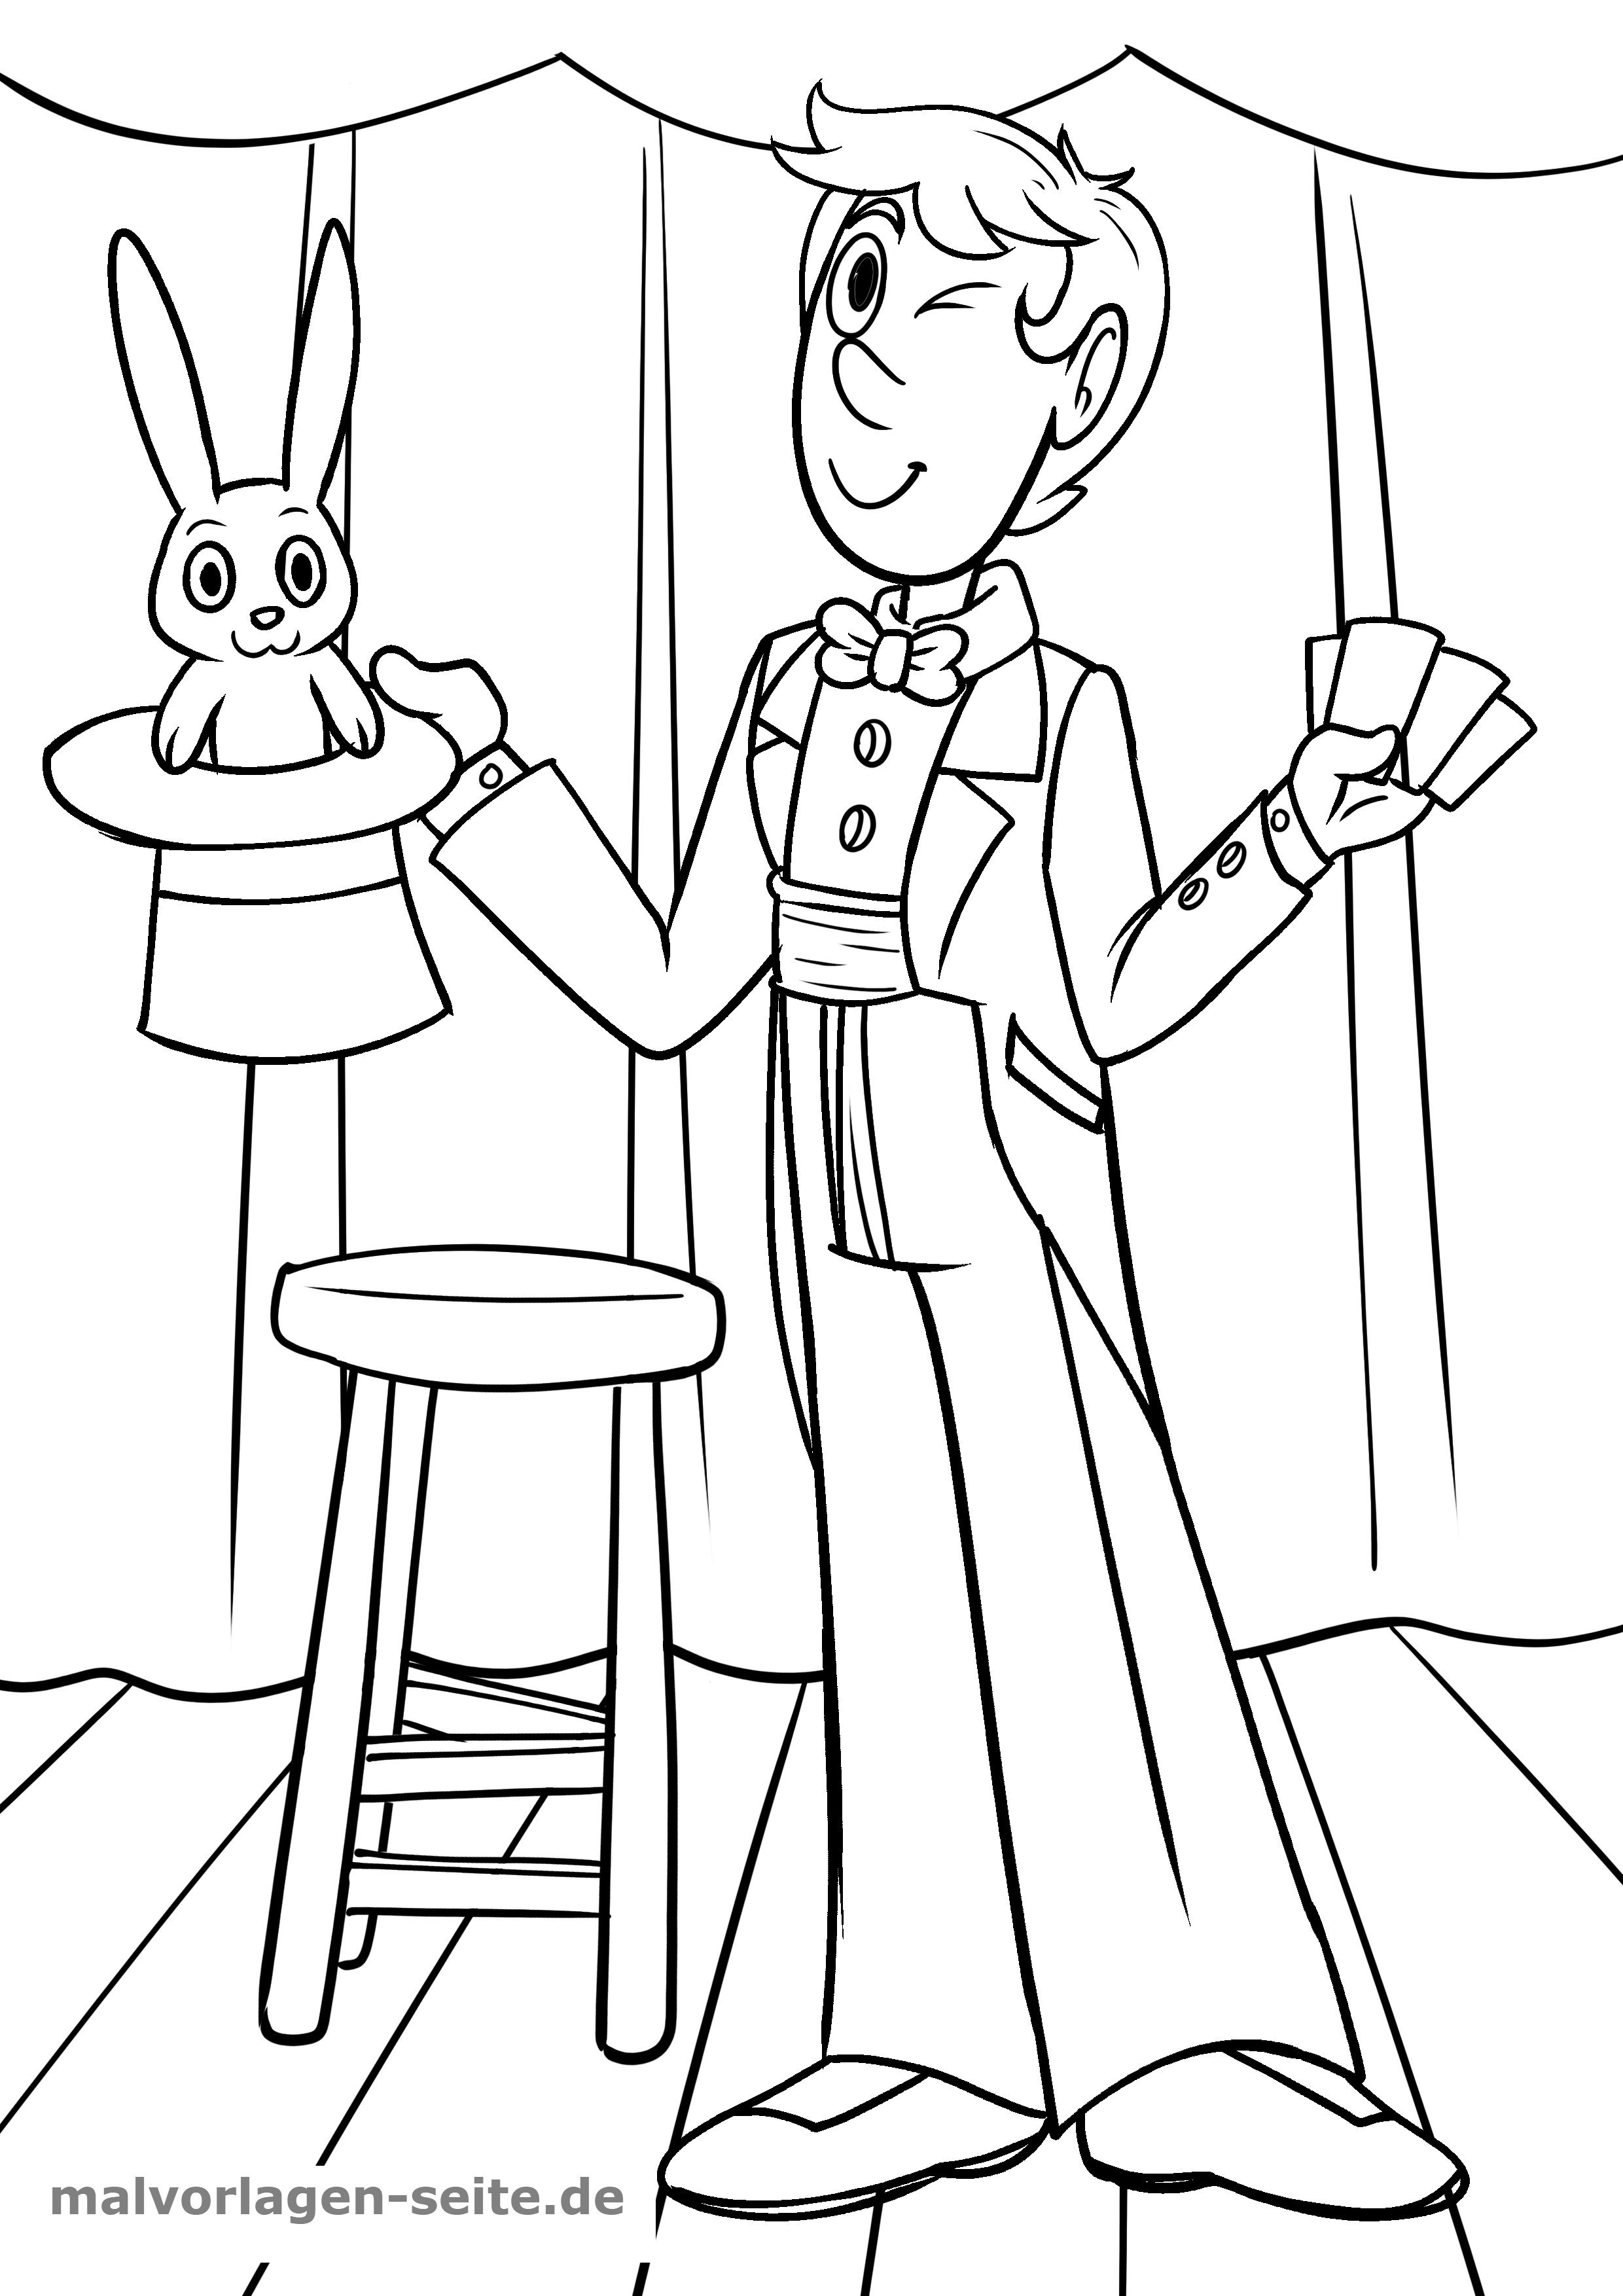 Malvorlage Zirkus Zauberer - Kostenlose Ausmalbilder